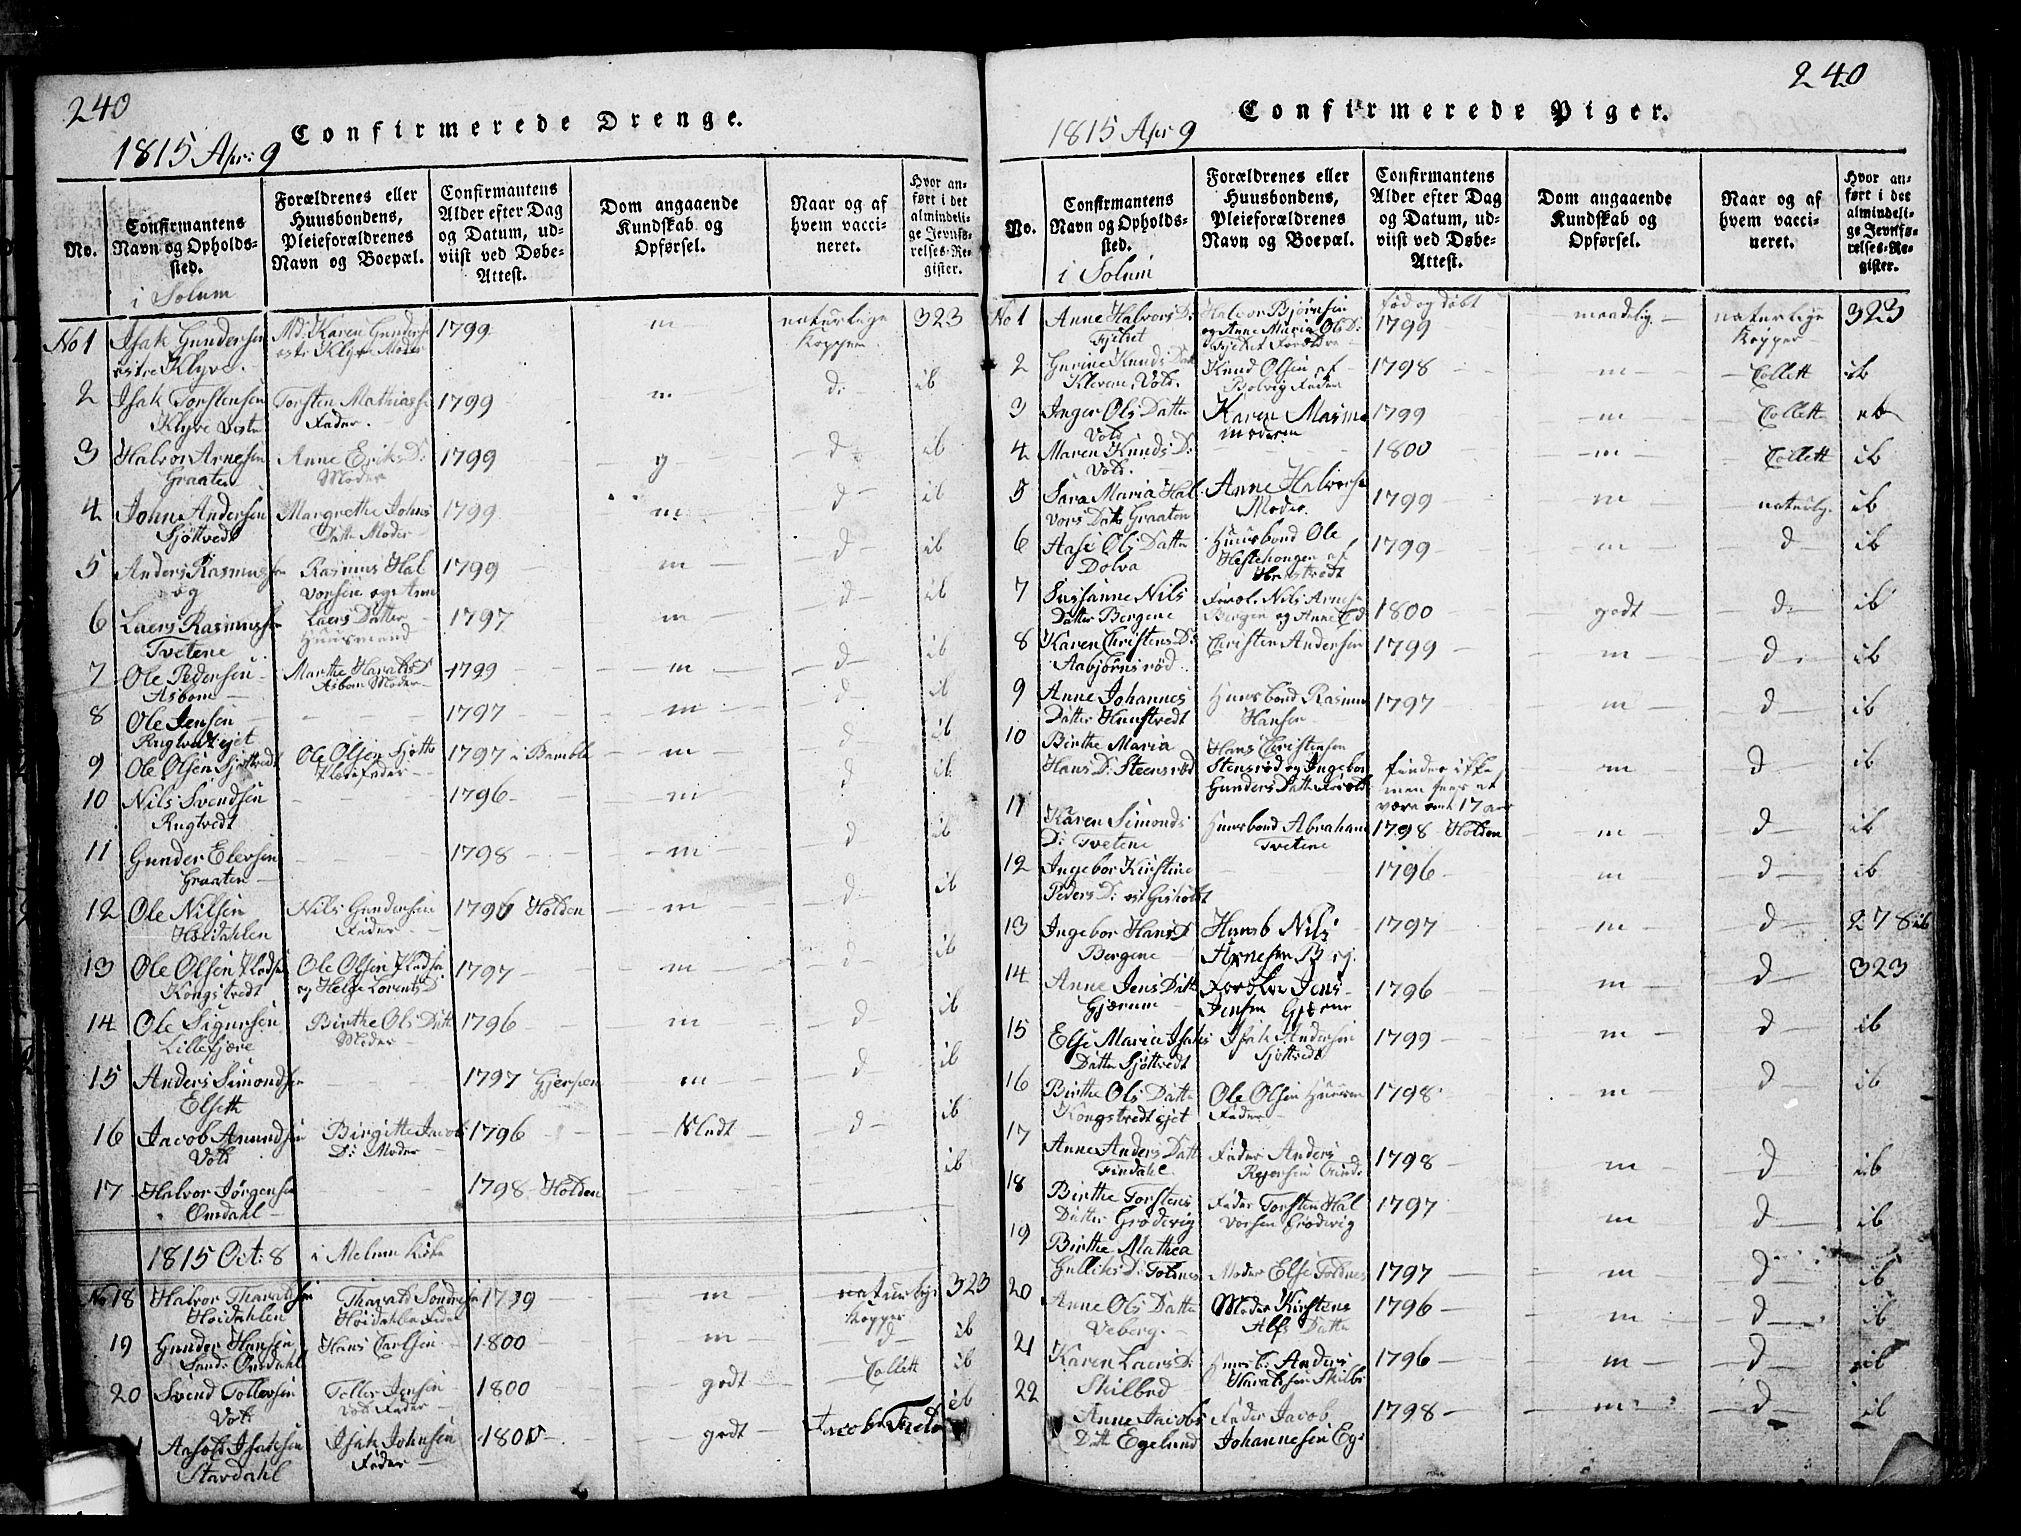 SAKO, Solum kirkebøker, G/Ga/L0001: Klokkerbok nr. I 1, 1814-1833, s. 240